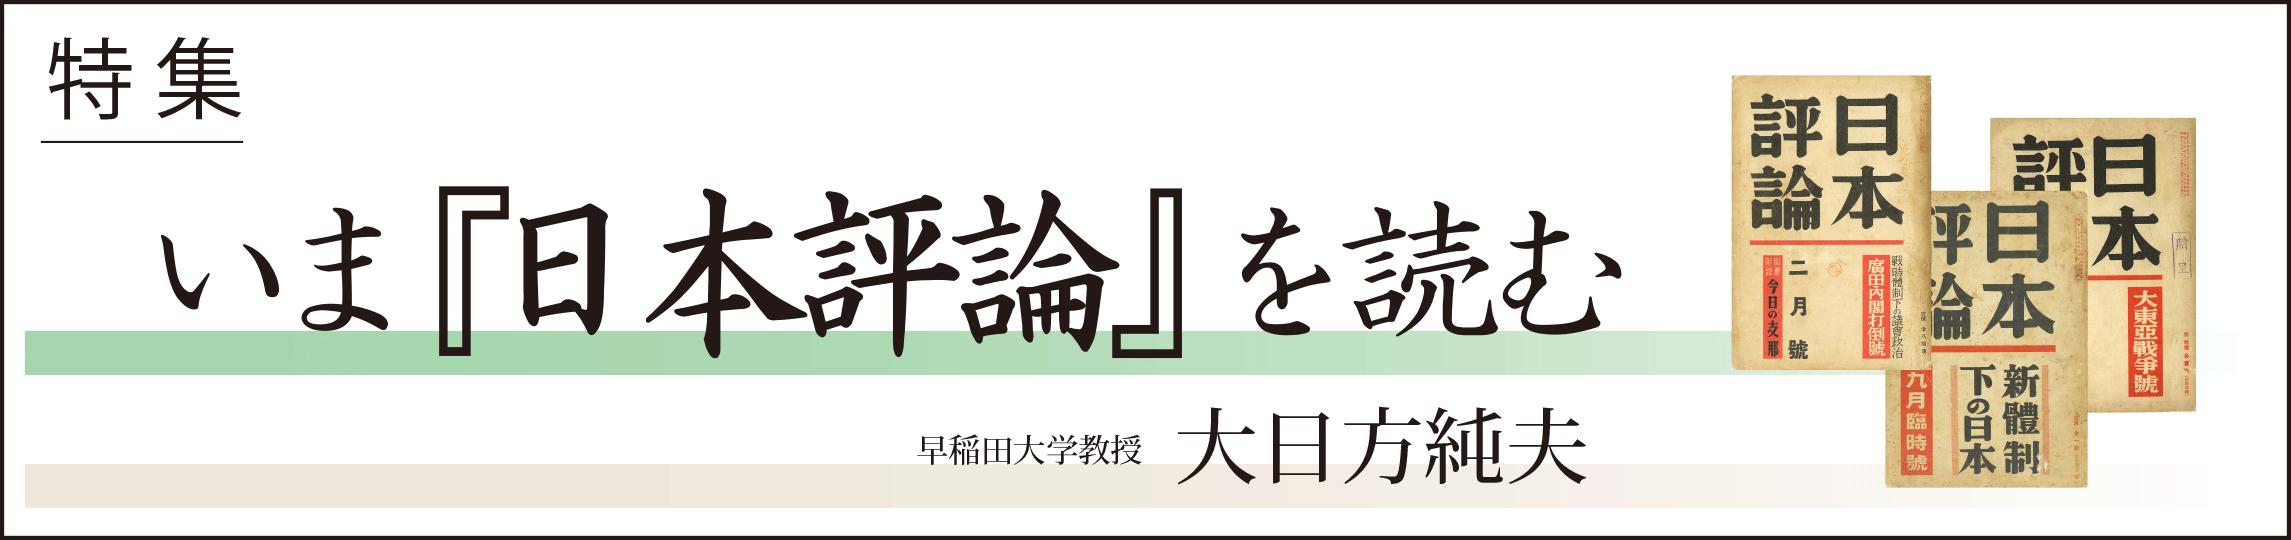 特集/日本評論を読む